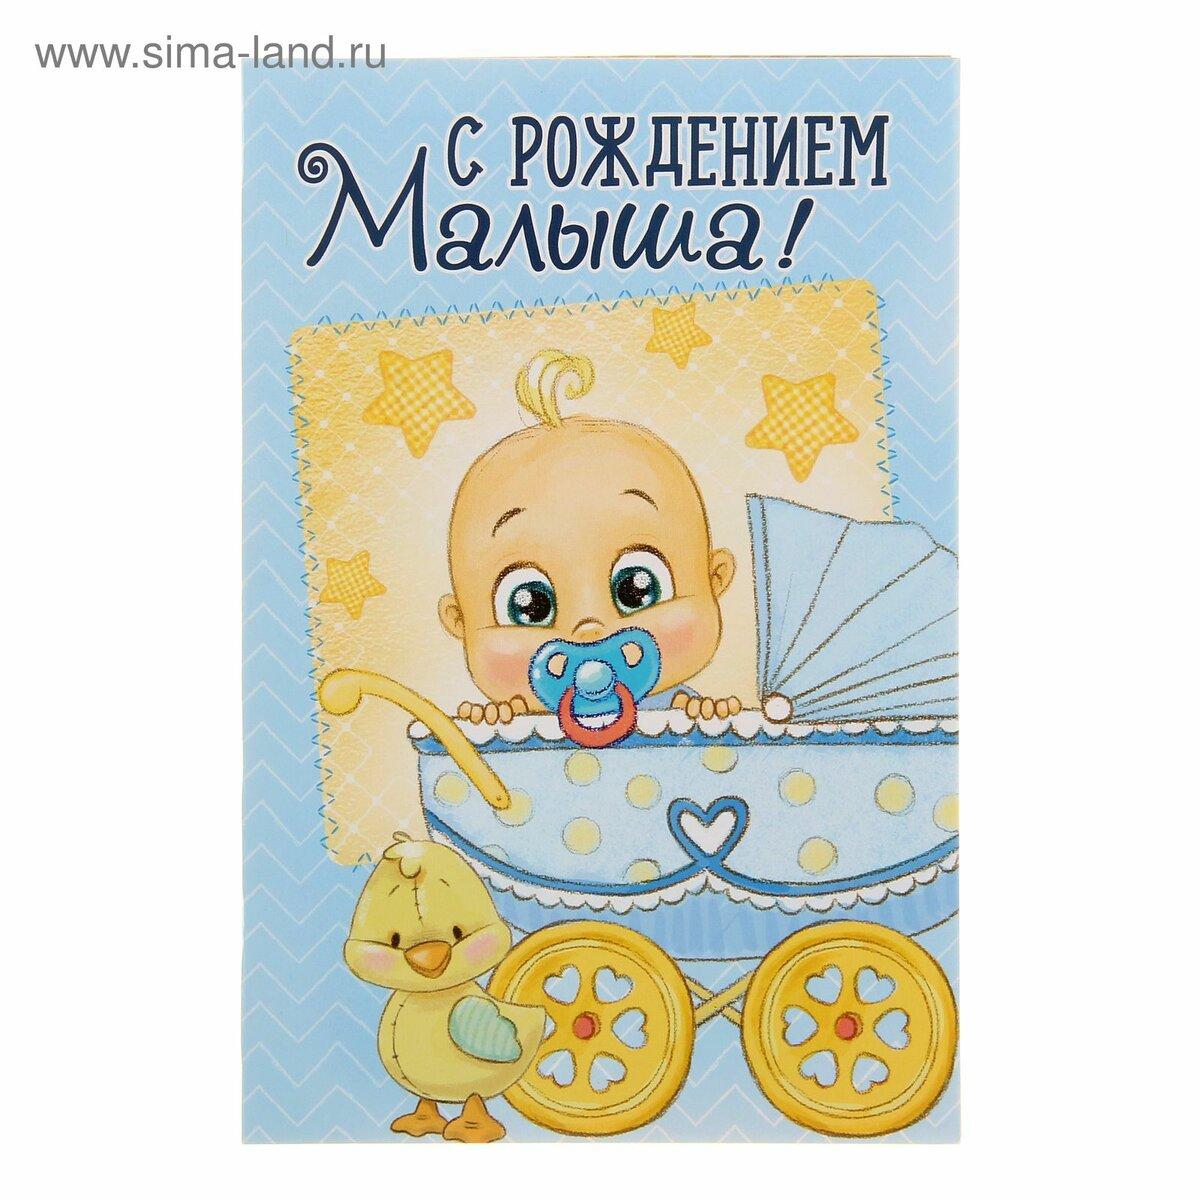 Малыш родился открытка